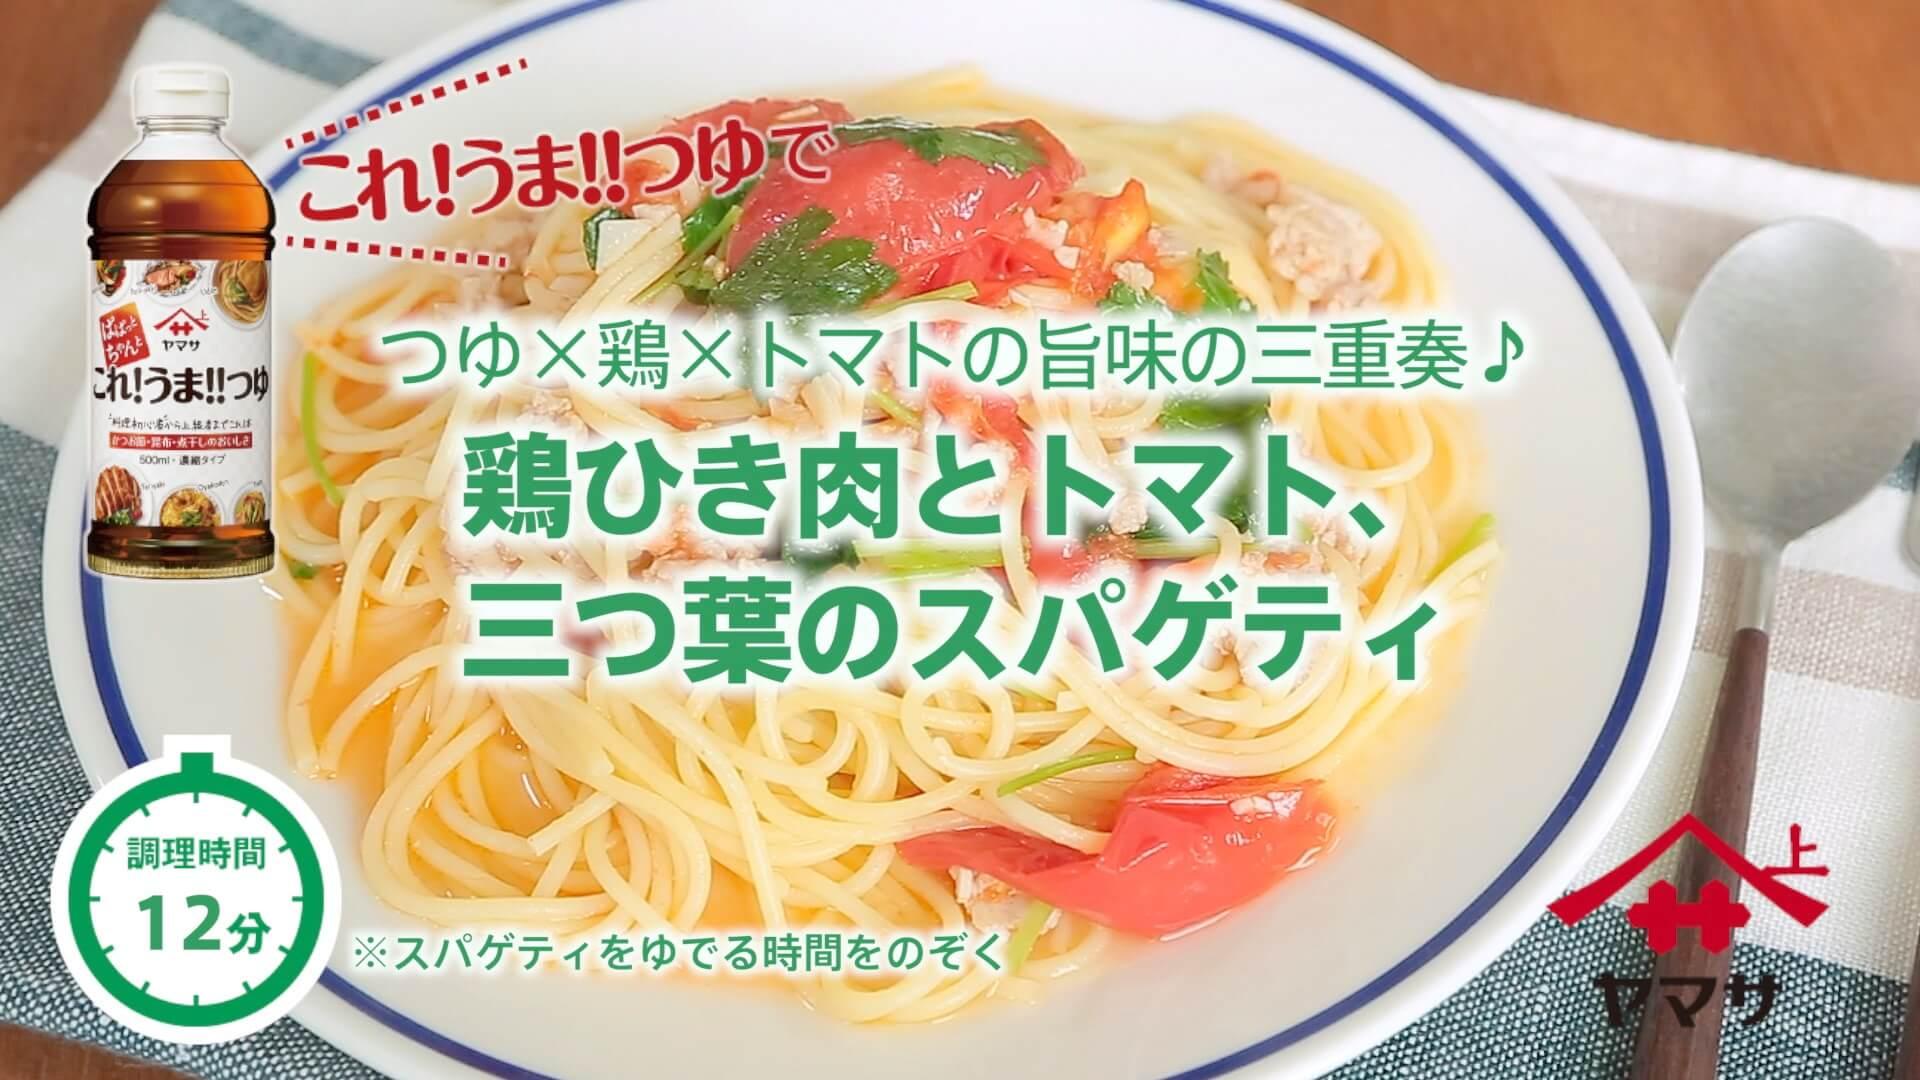 鶏ひき肉とトマト、三つ葉のスパゲティ